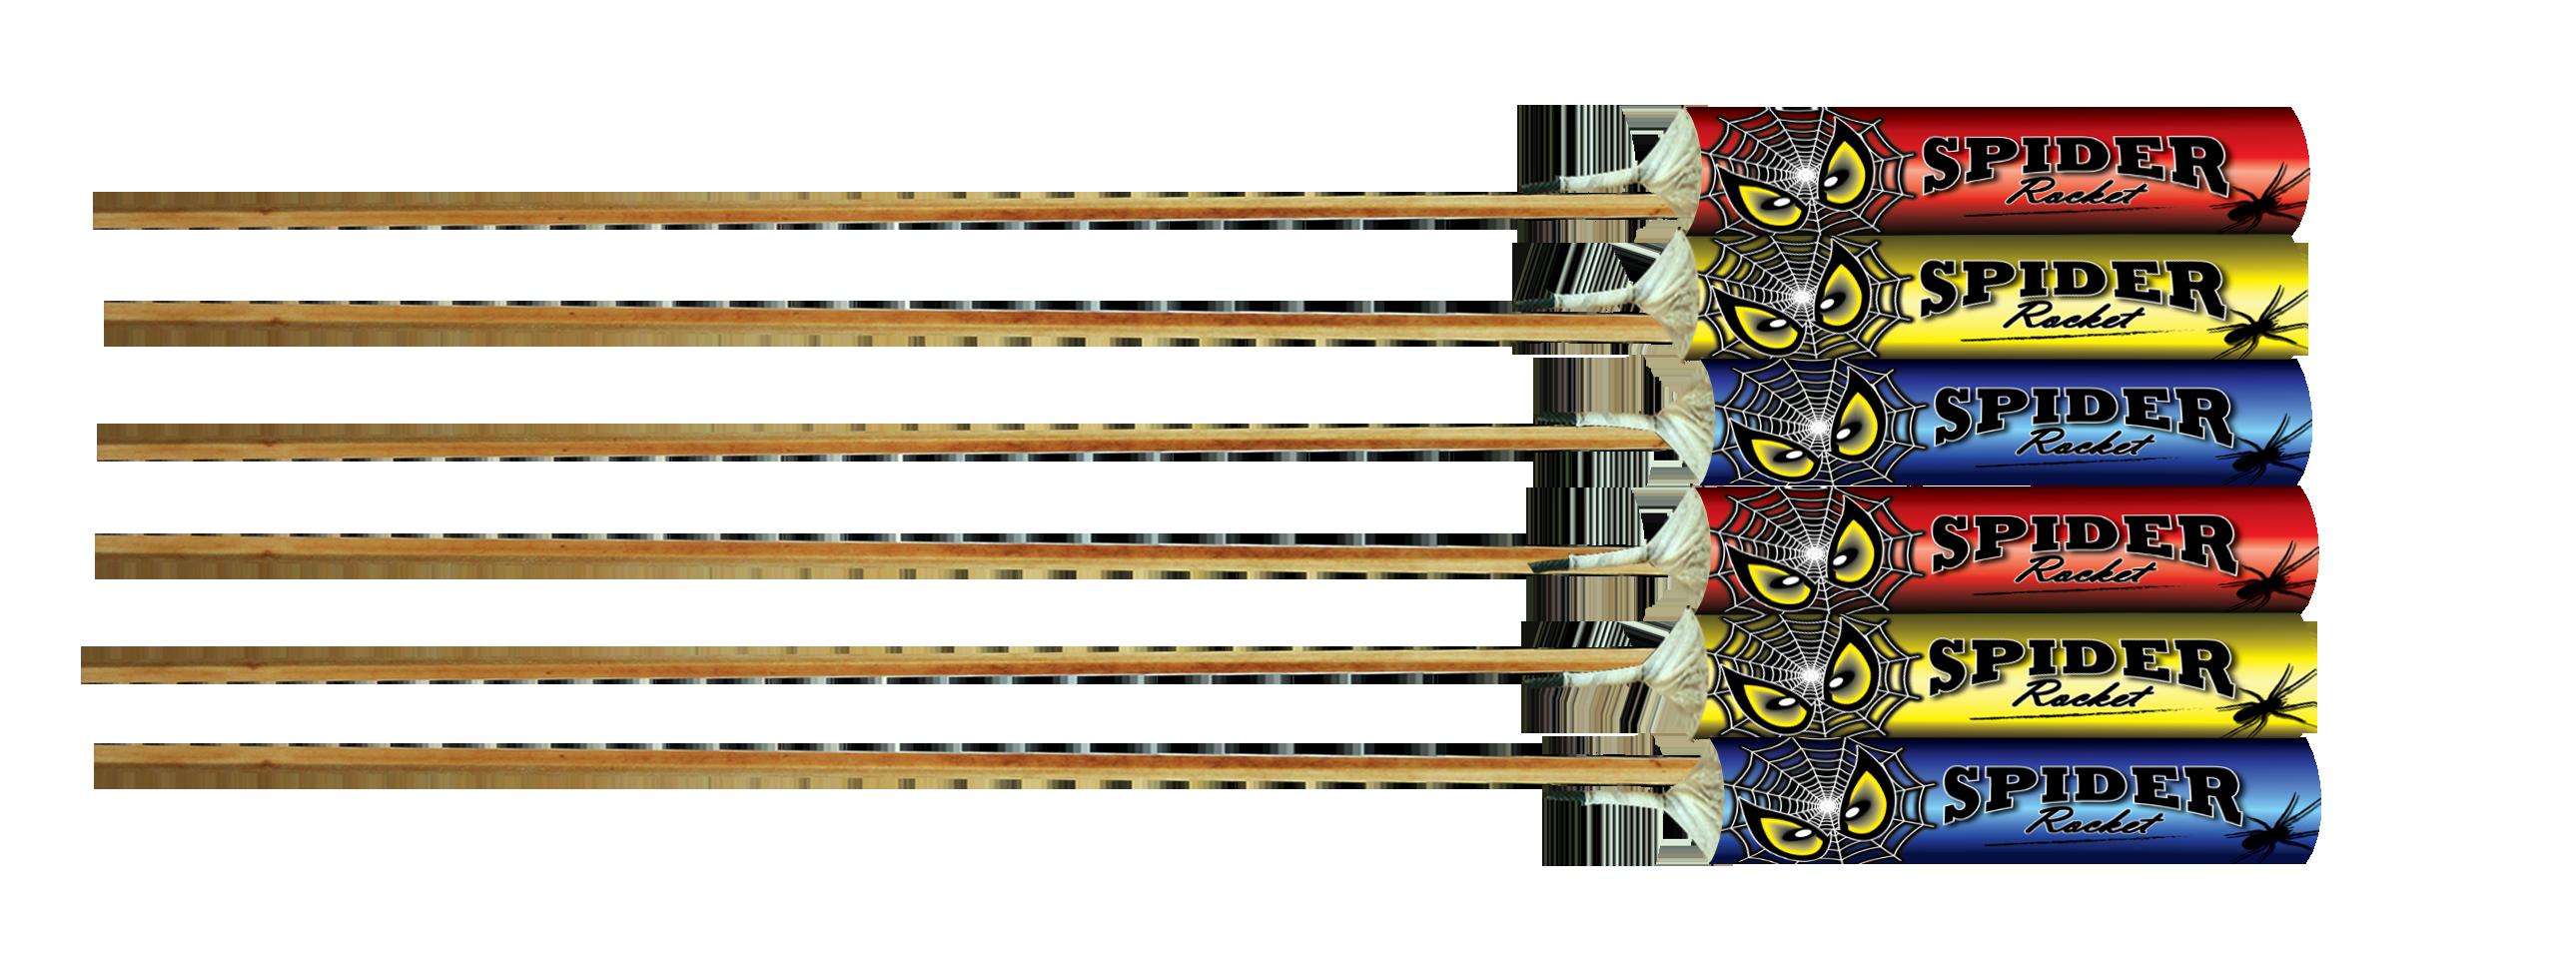 Spider Rocket 6 stuks